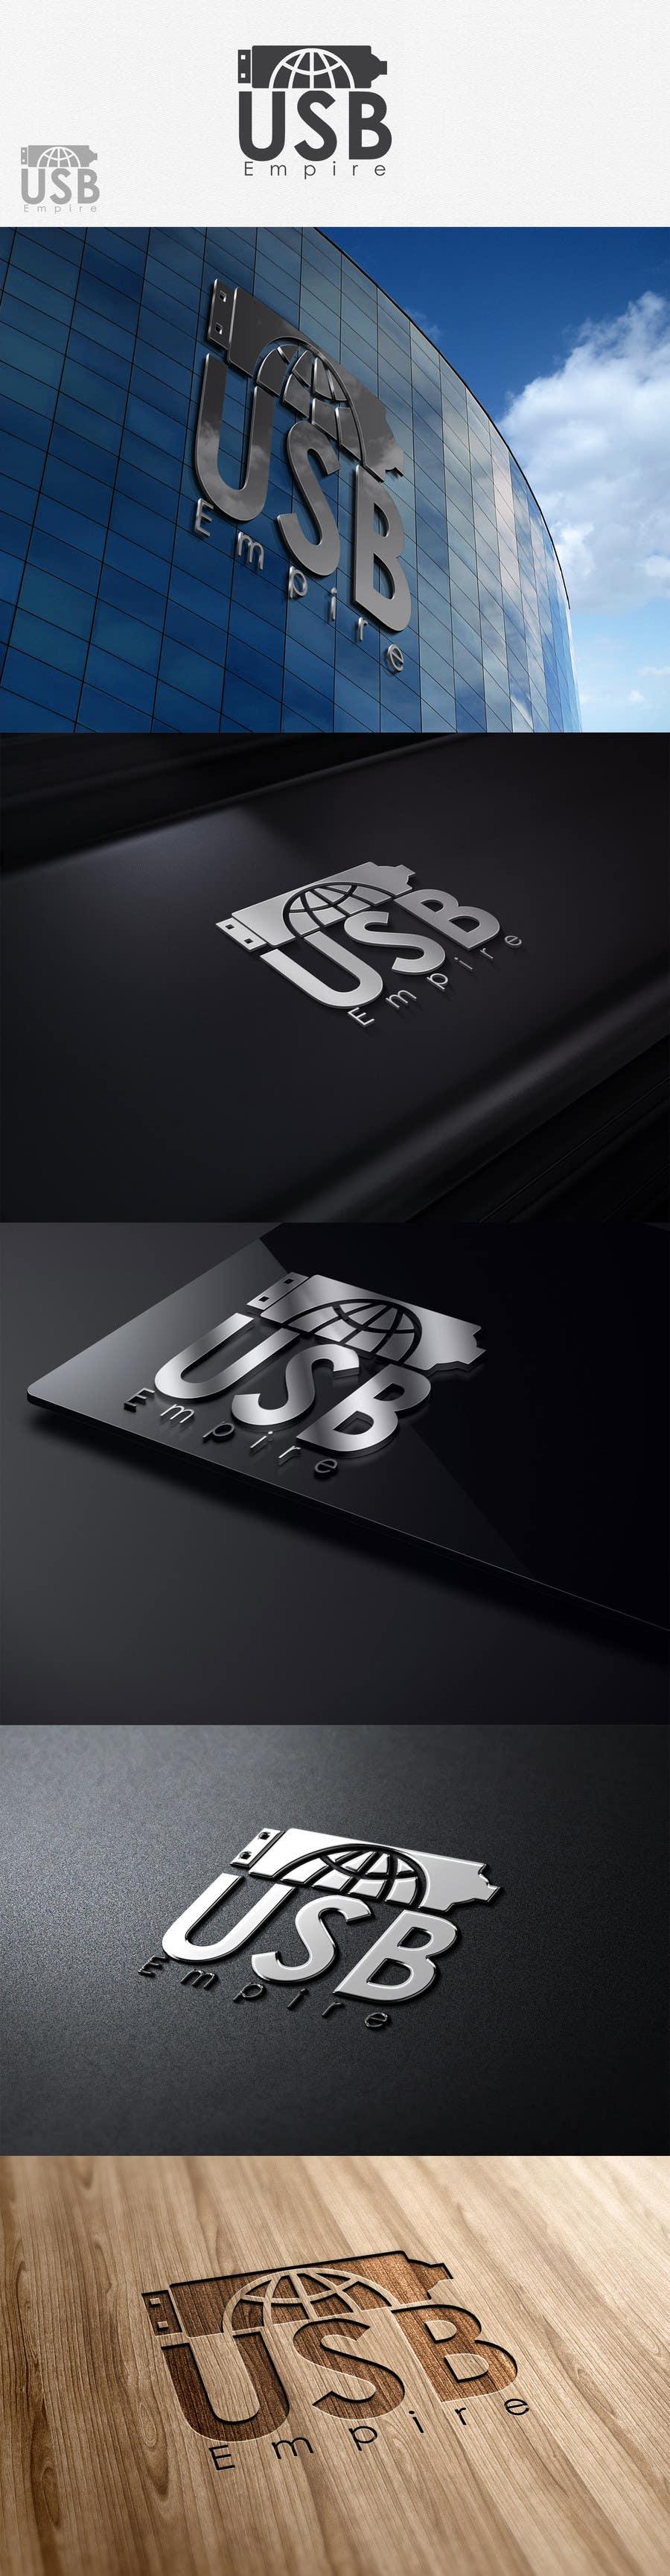 Proposition n°                                        101                                      du concours                                         Logo Design for USB Empire